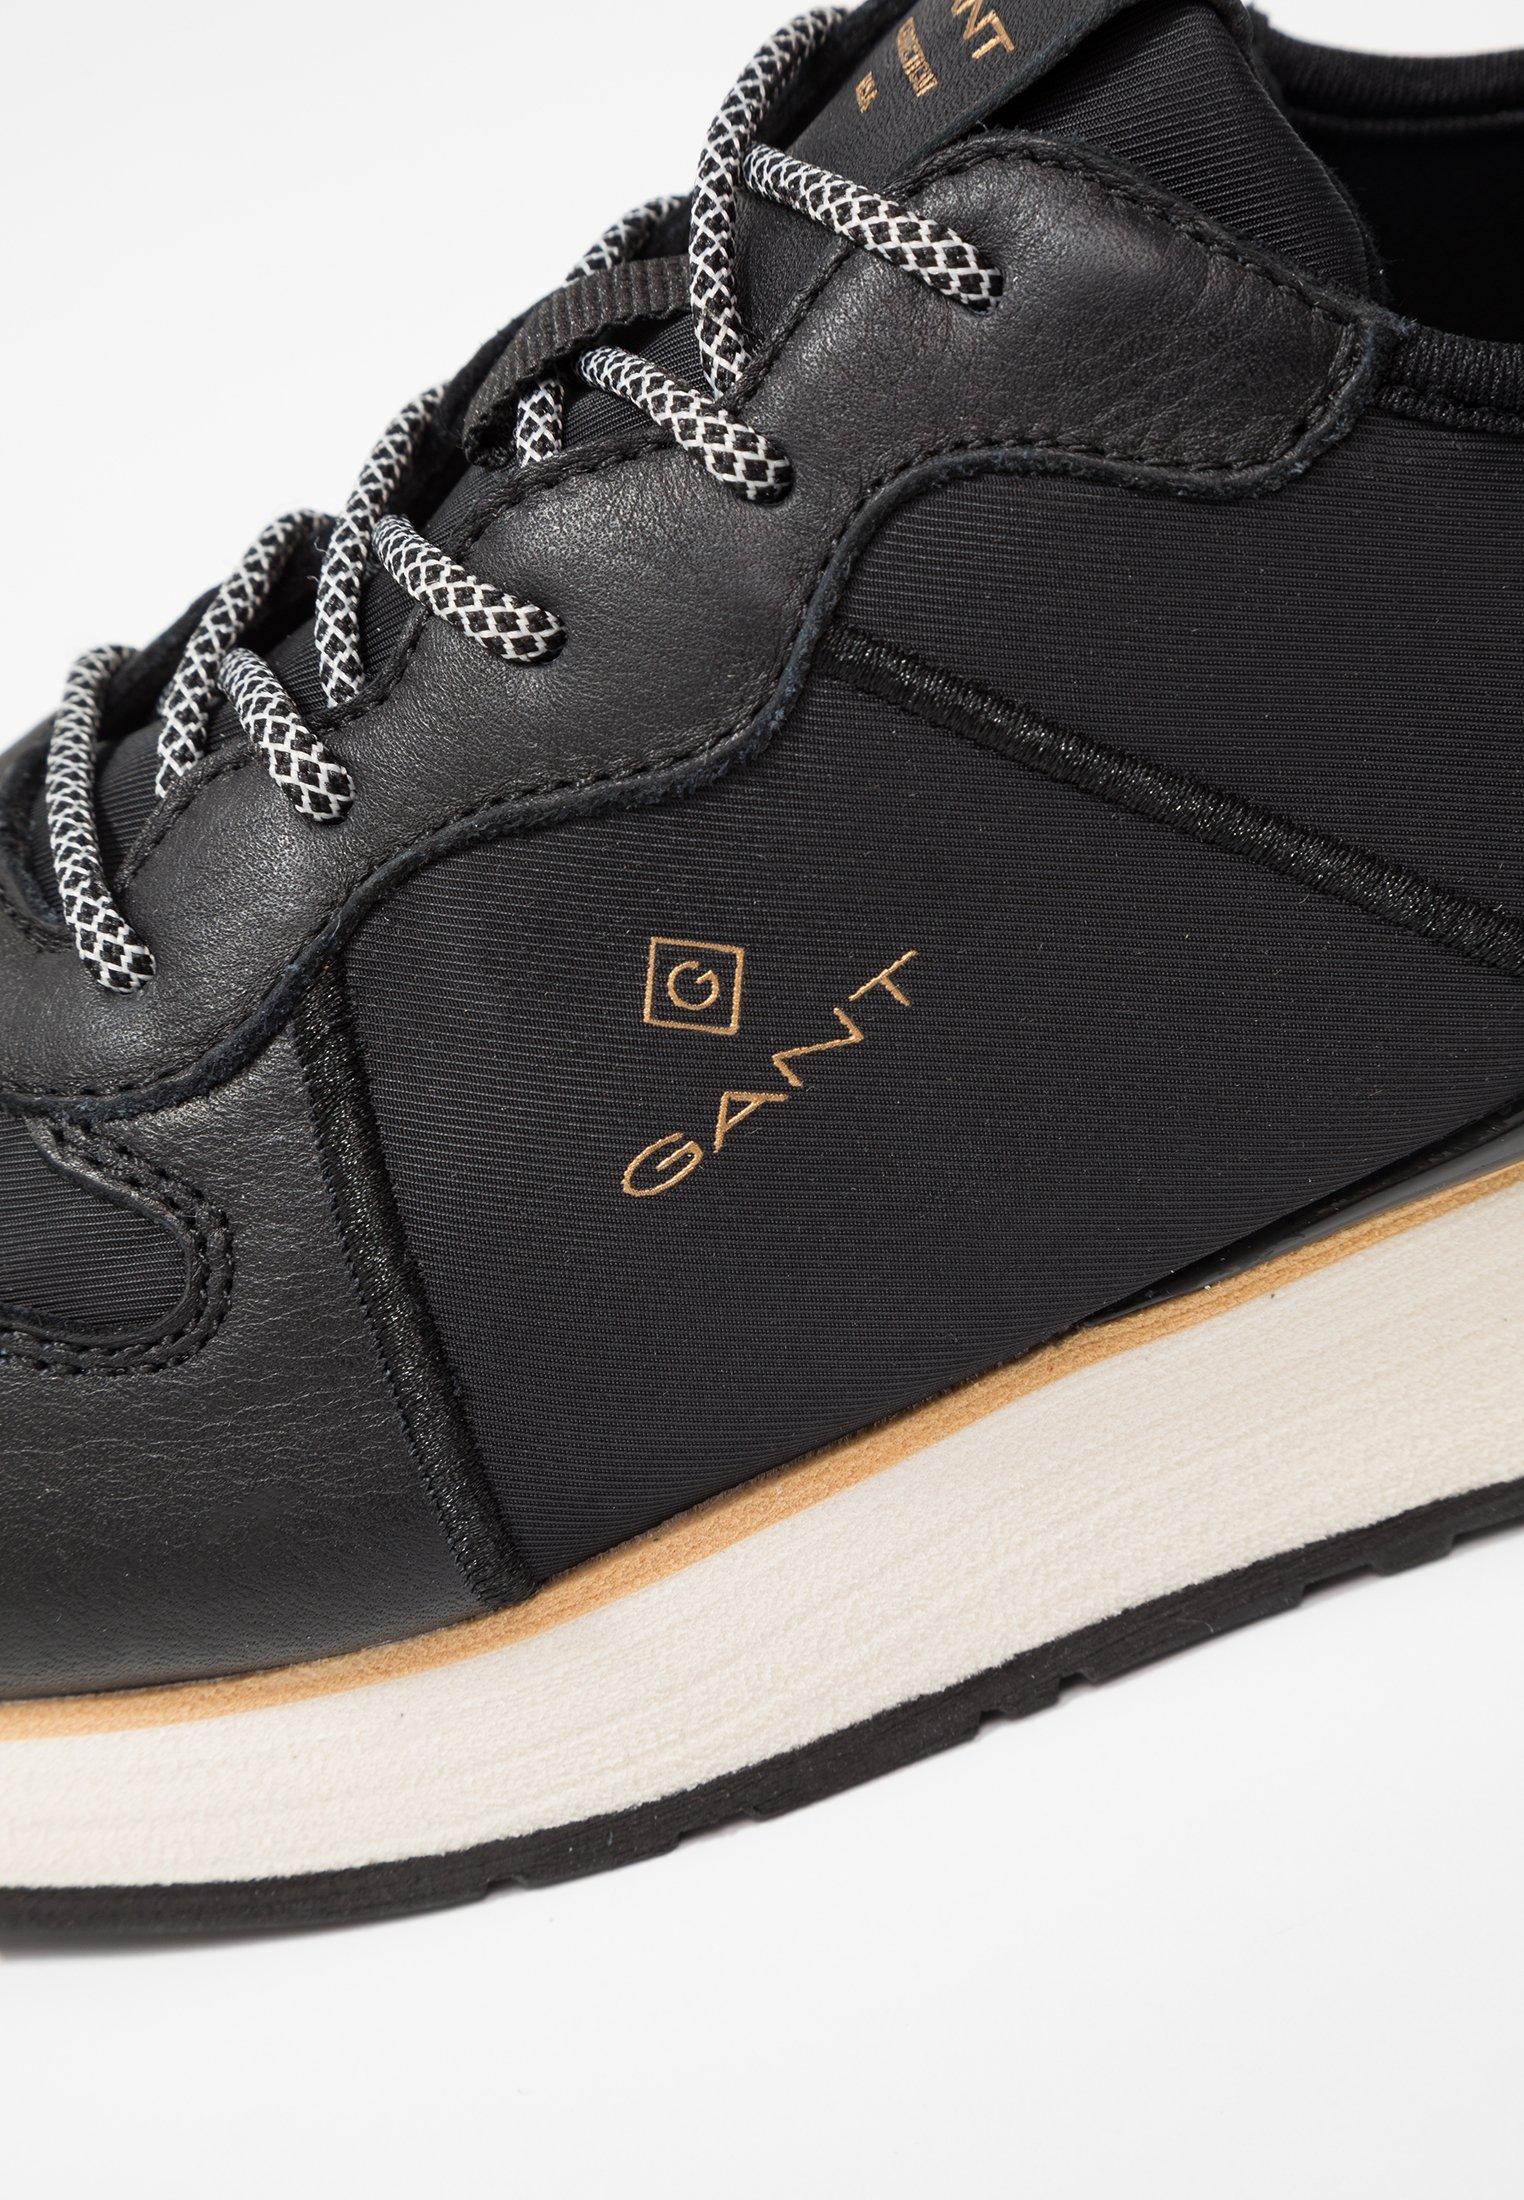 LindaBaskets Gant Gant Basses Black LindaBaskets Basses 3AL5R4j